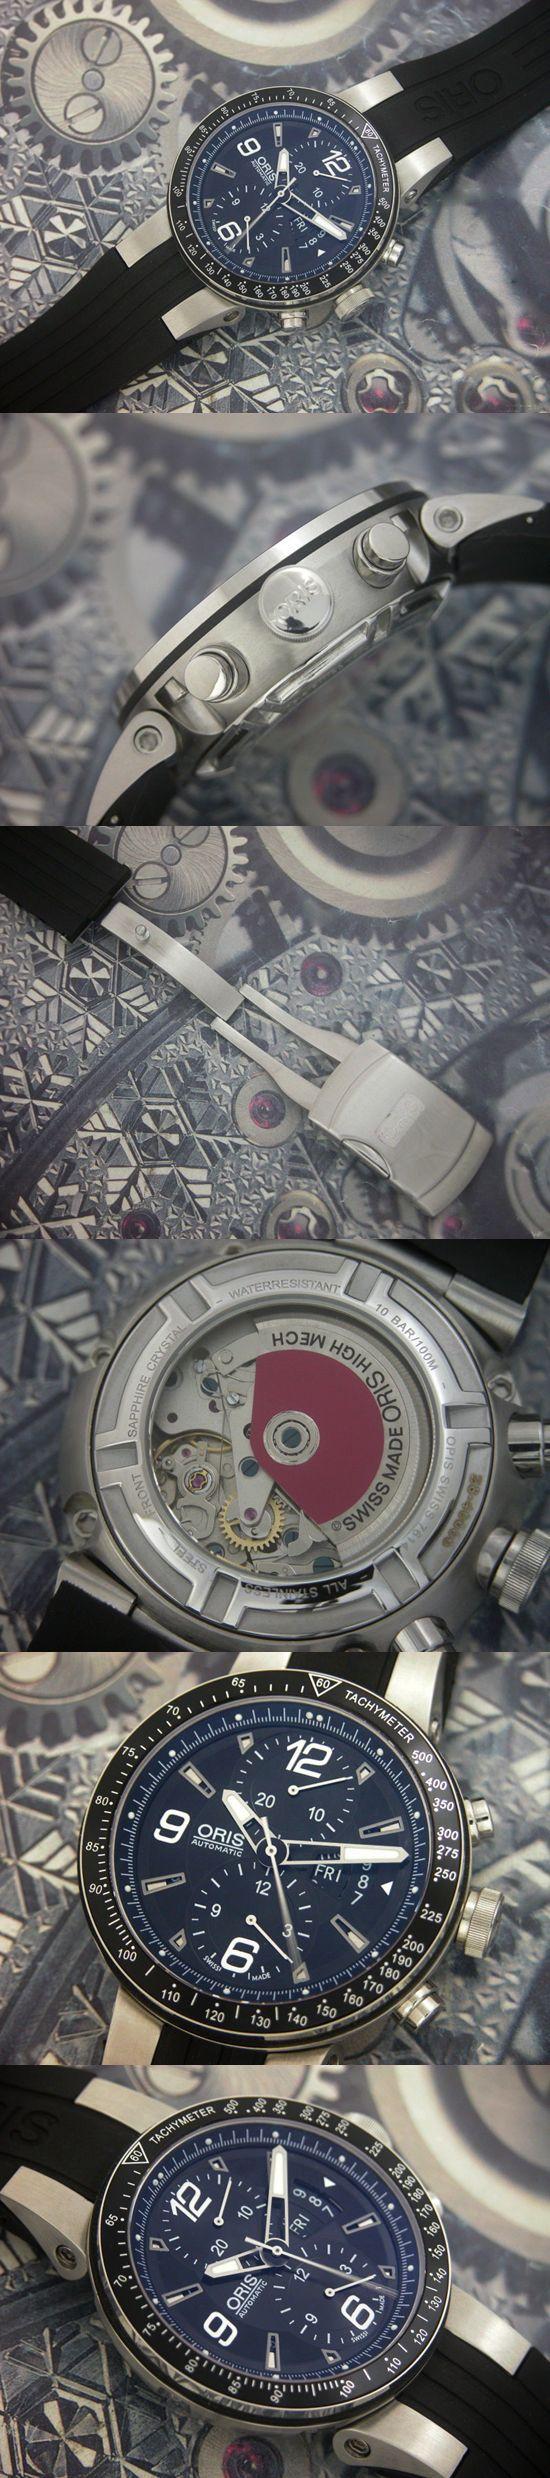 おしゃれなブランド時計がオリス-ウィリアムズ-ORIS-01 679 7614 4164-ak-男性用を提供します.